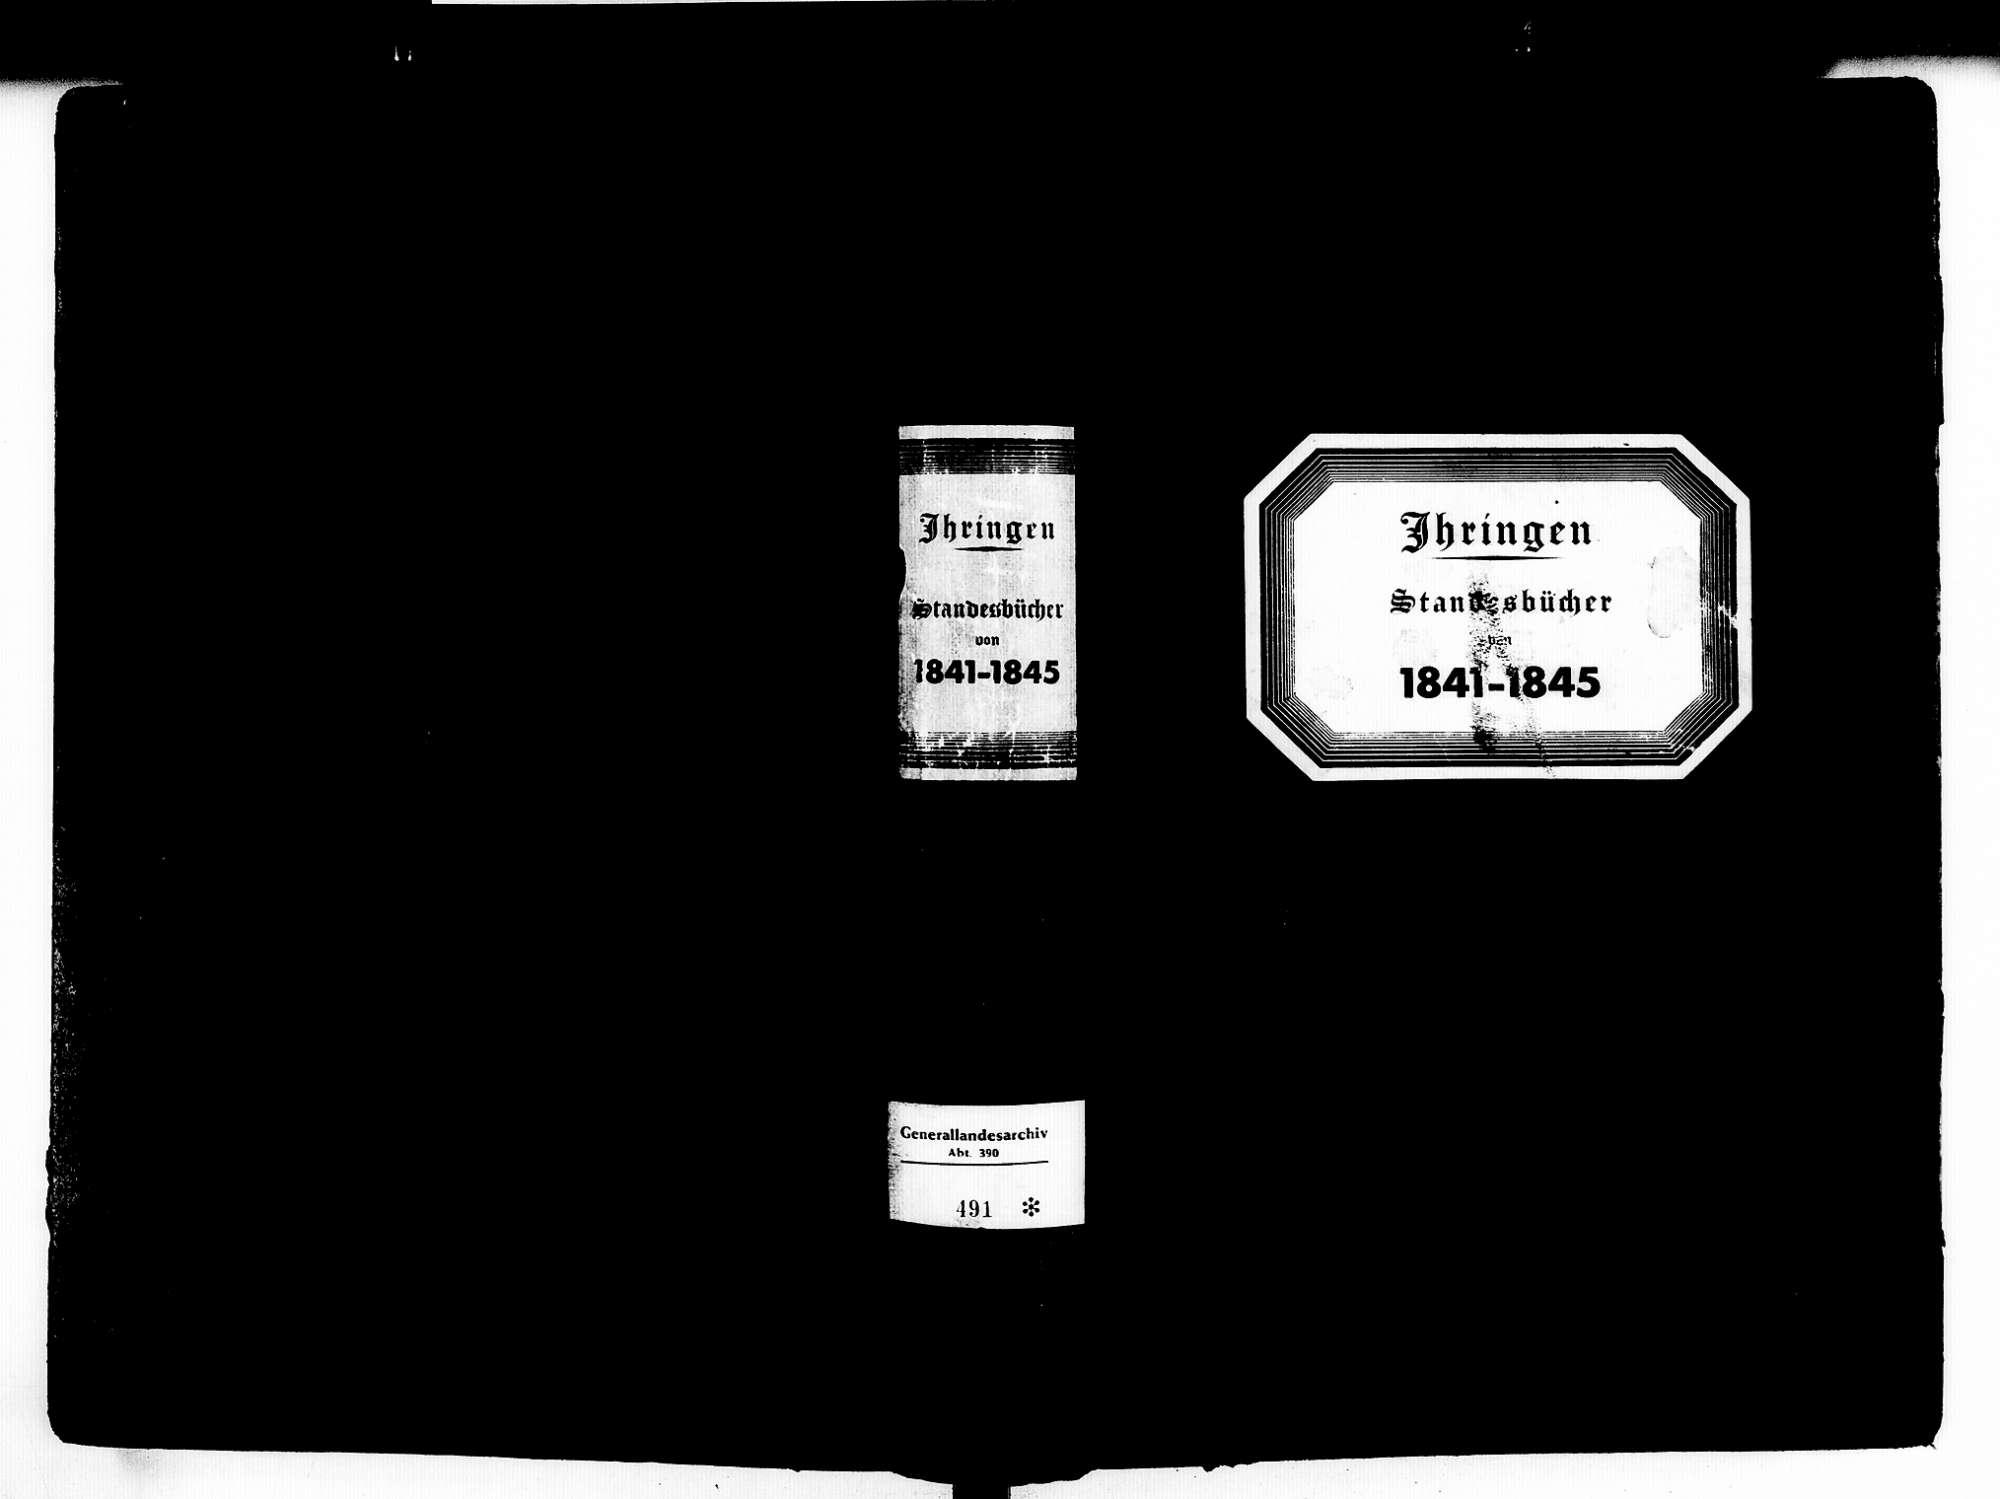 Ihringen FR; Evangelische Gemeinde: Standesbuch 1841-1845 Ihringen FR; Israelitische Gemeinde: Standesbuch 1841-1845, Bild 1